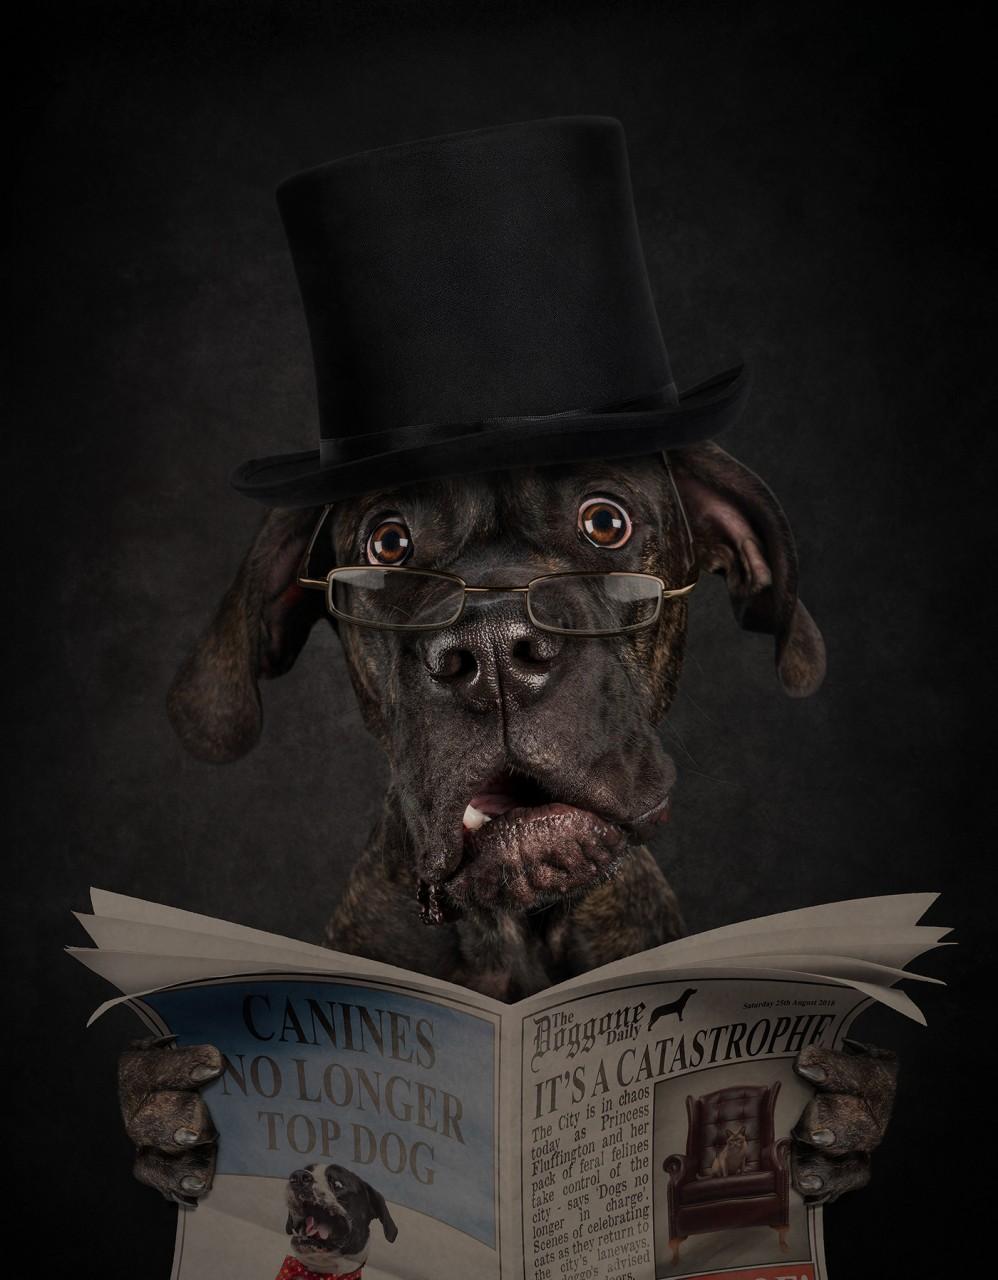 А если бы собака была человеком? 10 ярких фото, которые ответят на этот вопрос